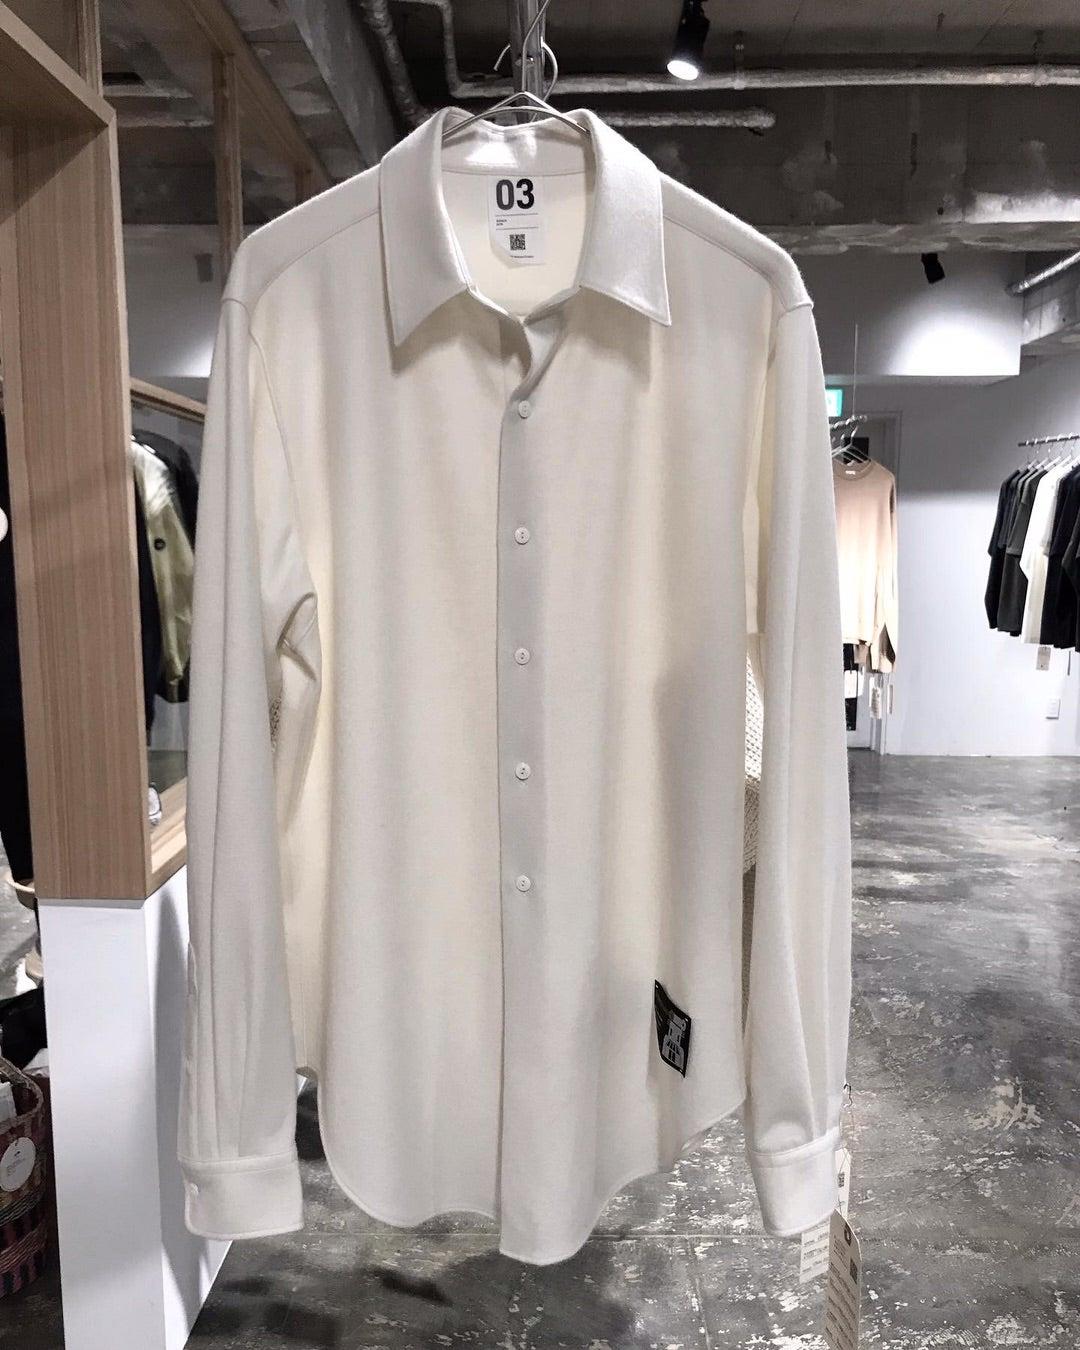 カシミア×スーパー140'sウールの極上ジャージシャツ!